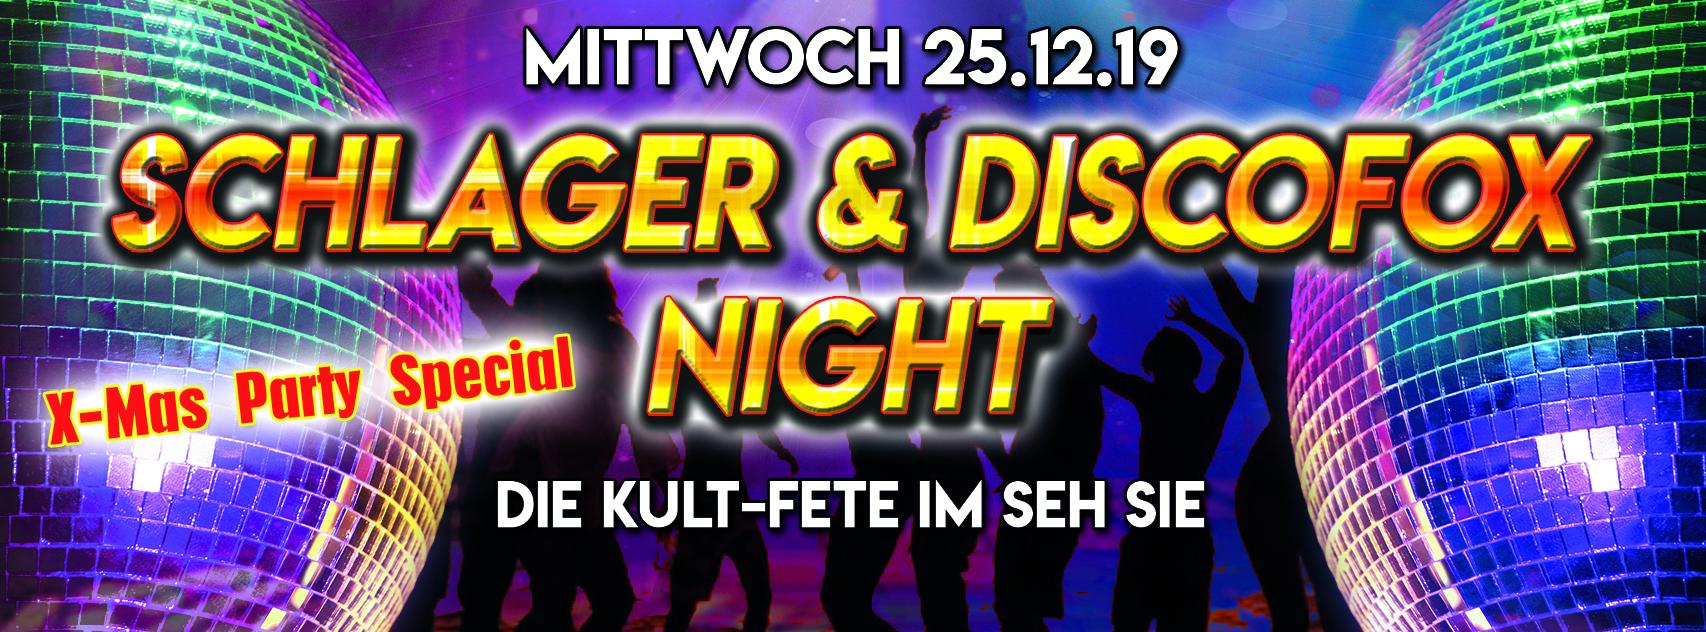 25.12.2019 Schlager & Discofox  X-Mas Party